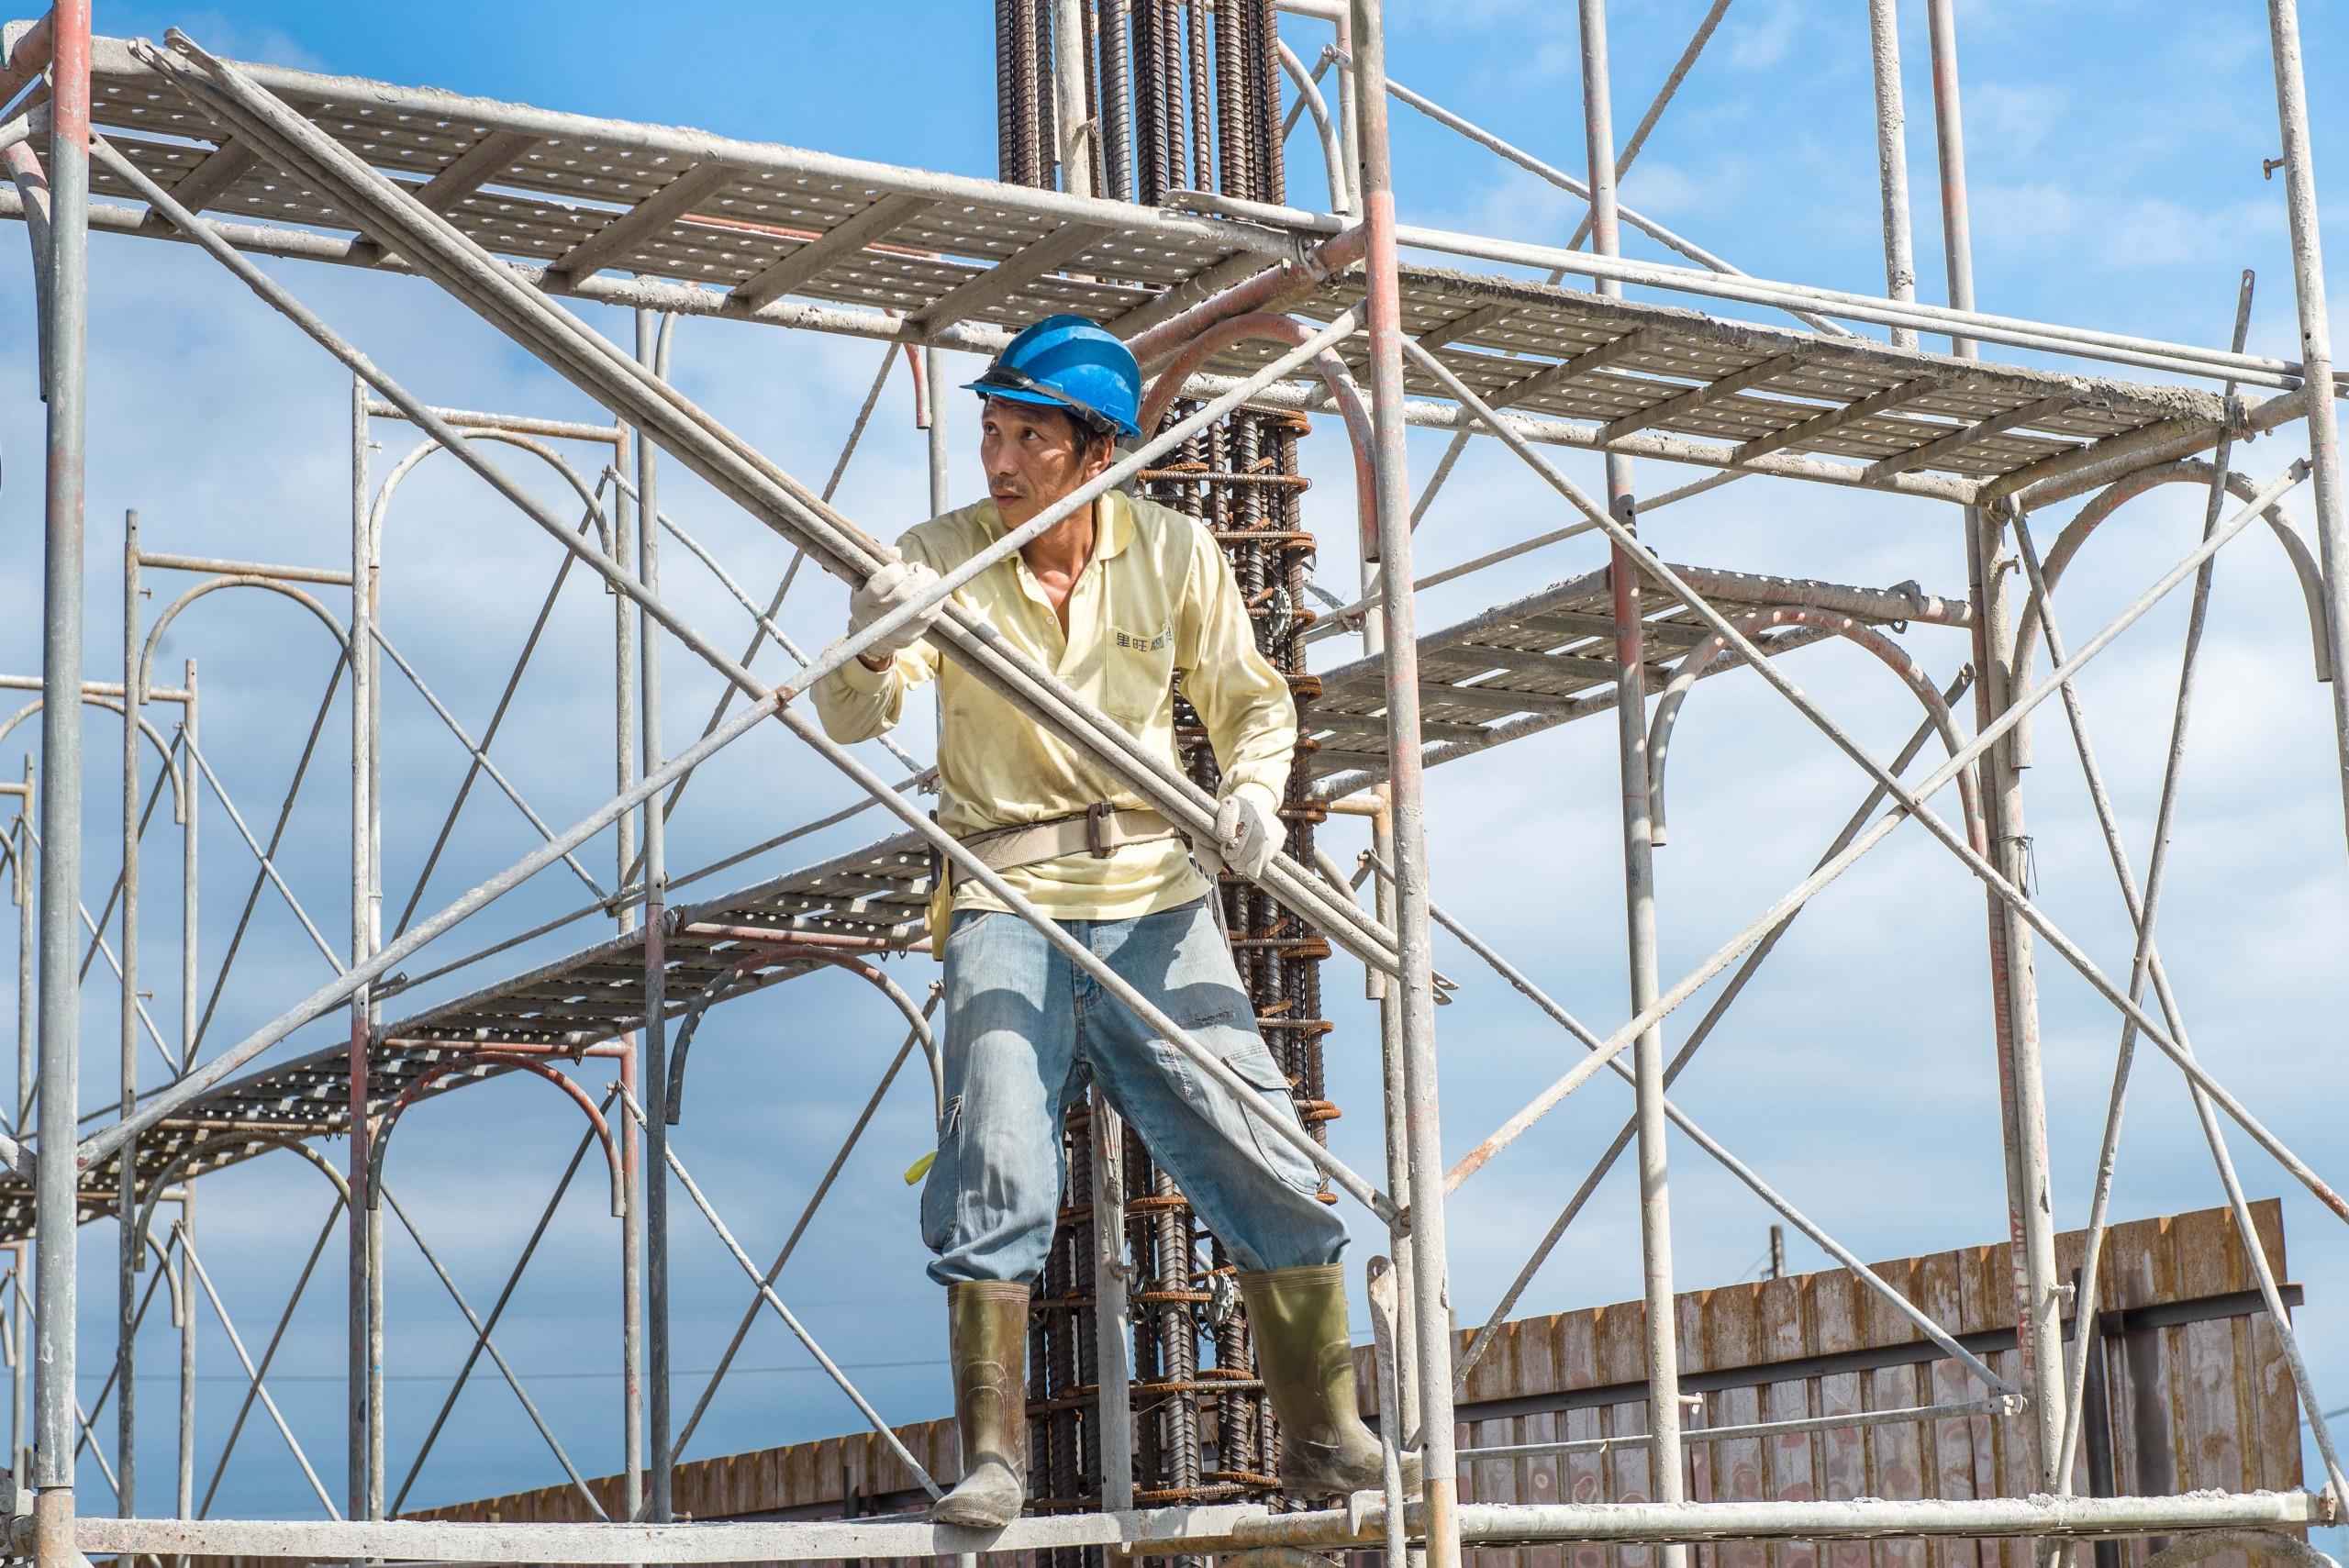 德築-DEZU-project-Zutian-architecture-real-estate-engineering-scaffolding-9